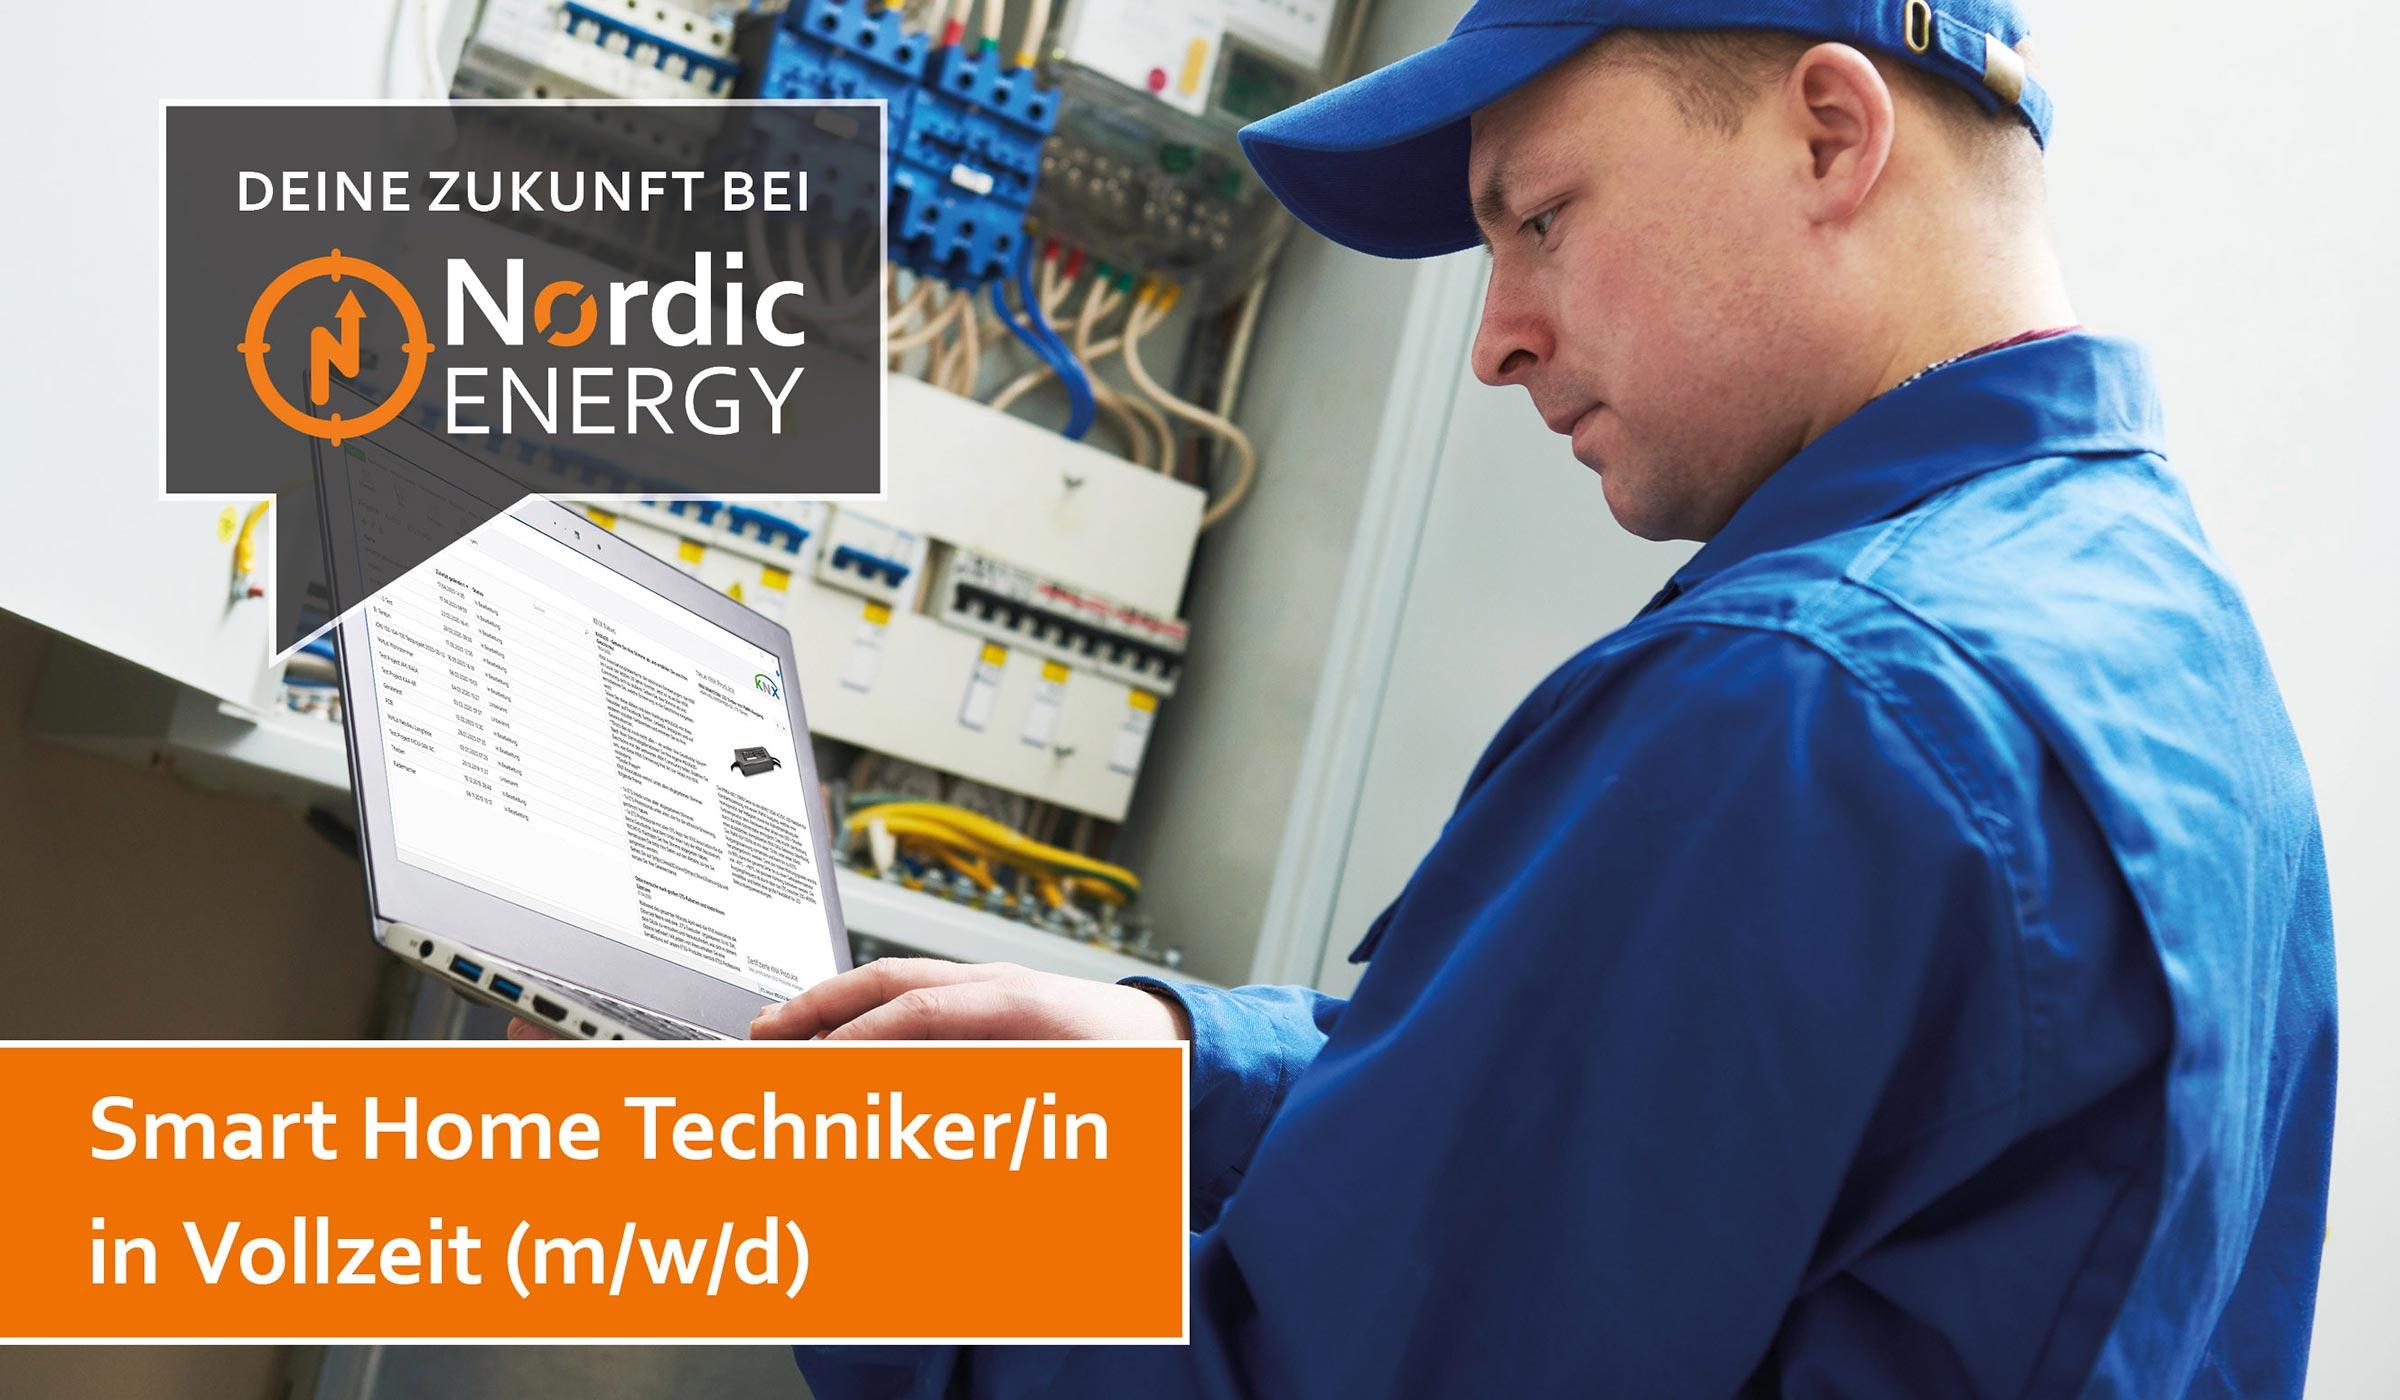 Der Smart Home Techniker von Nordic Energy mit einem Notebook in der Hand, mit dem der Schaltschrank konfiguriert wird